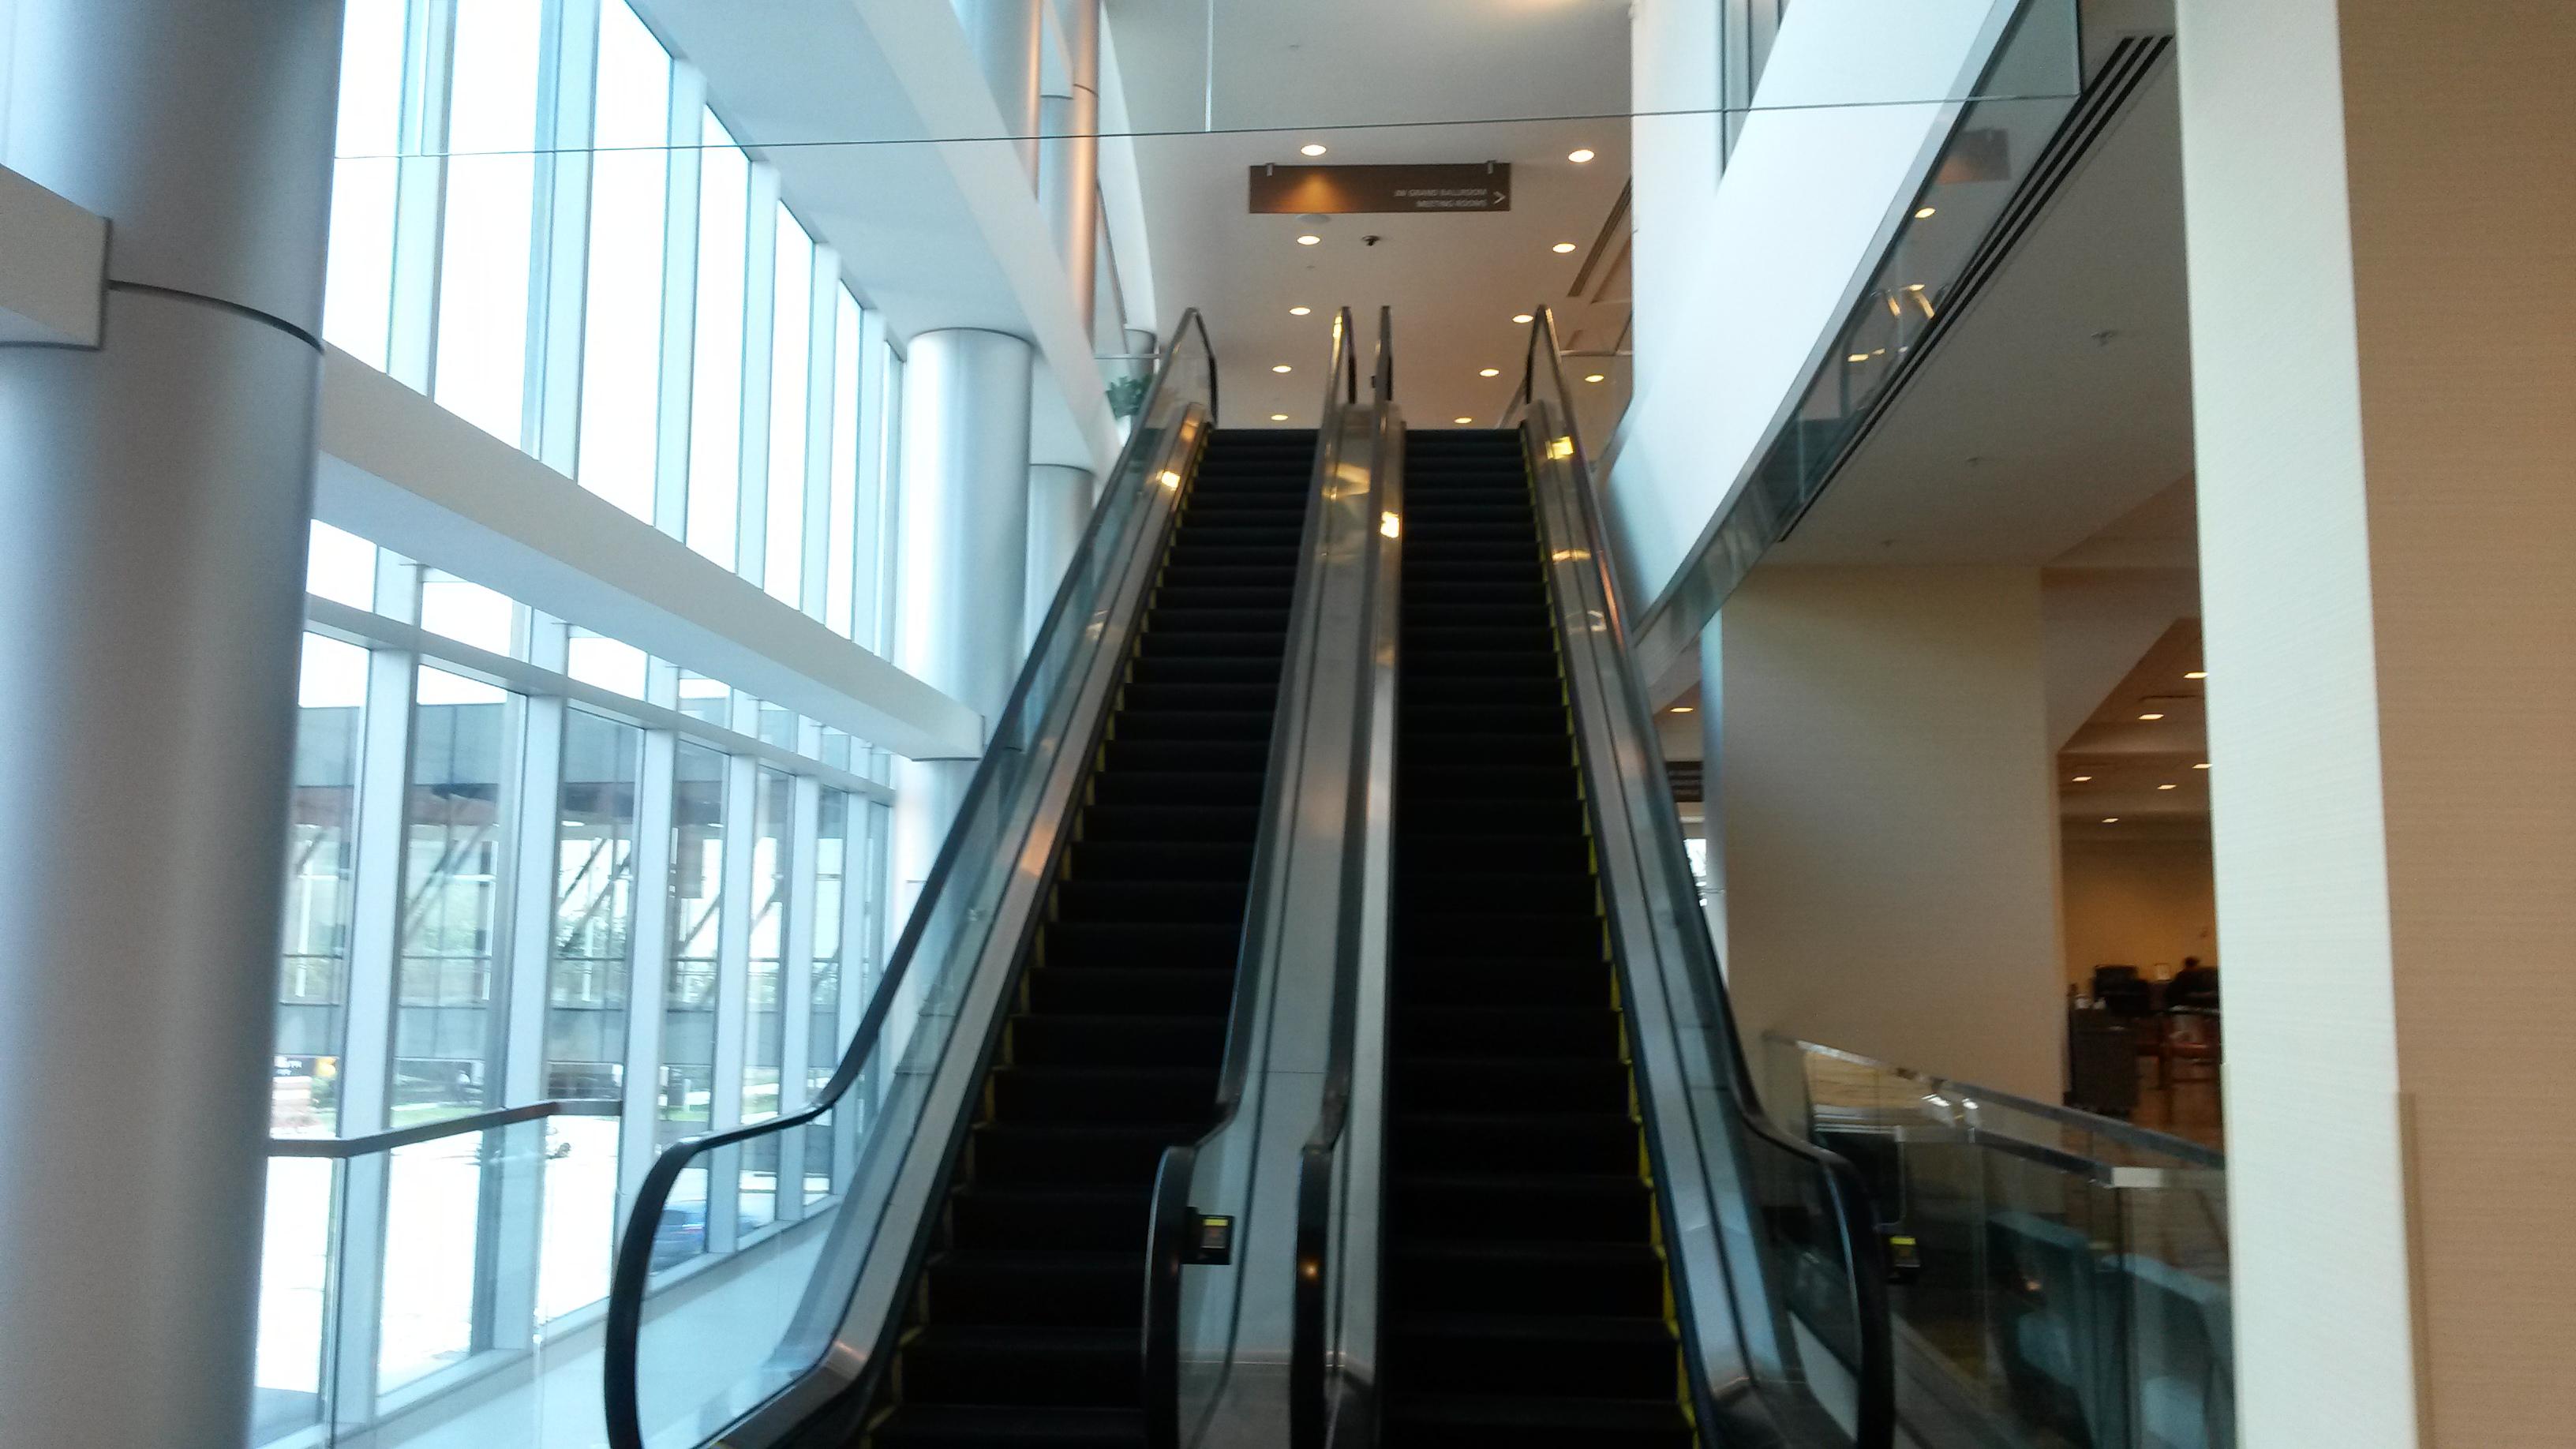 Filejw marriott indianapolis indoor escalator interior for Interior design architecture firms